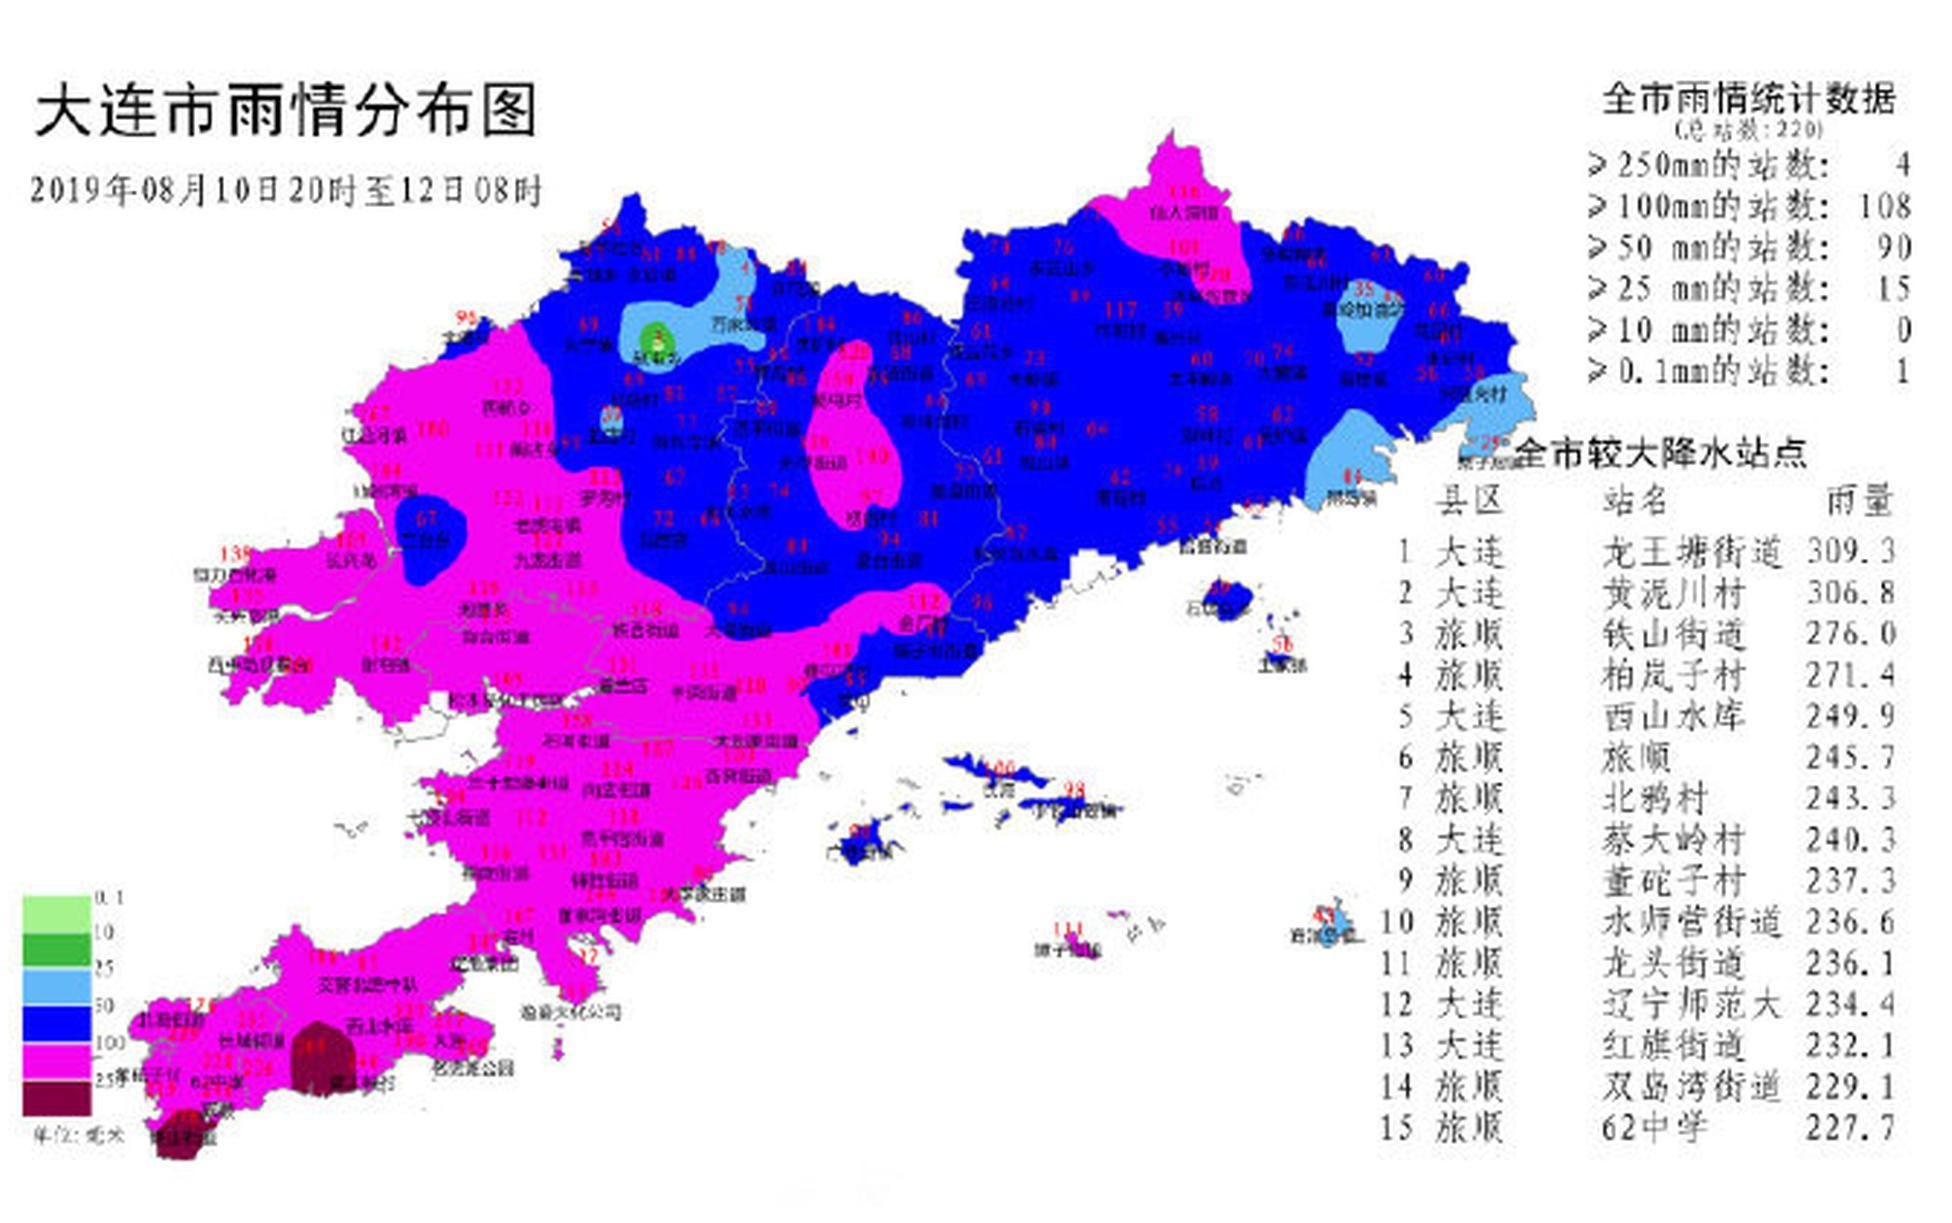 预计今日大连全区仍有小到中雨天气